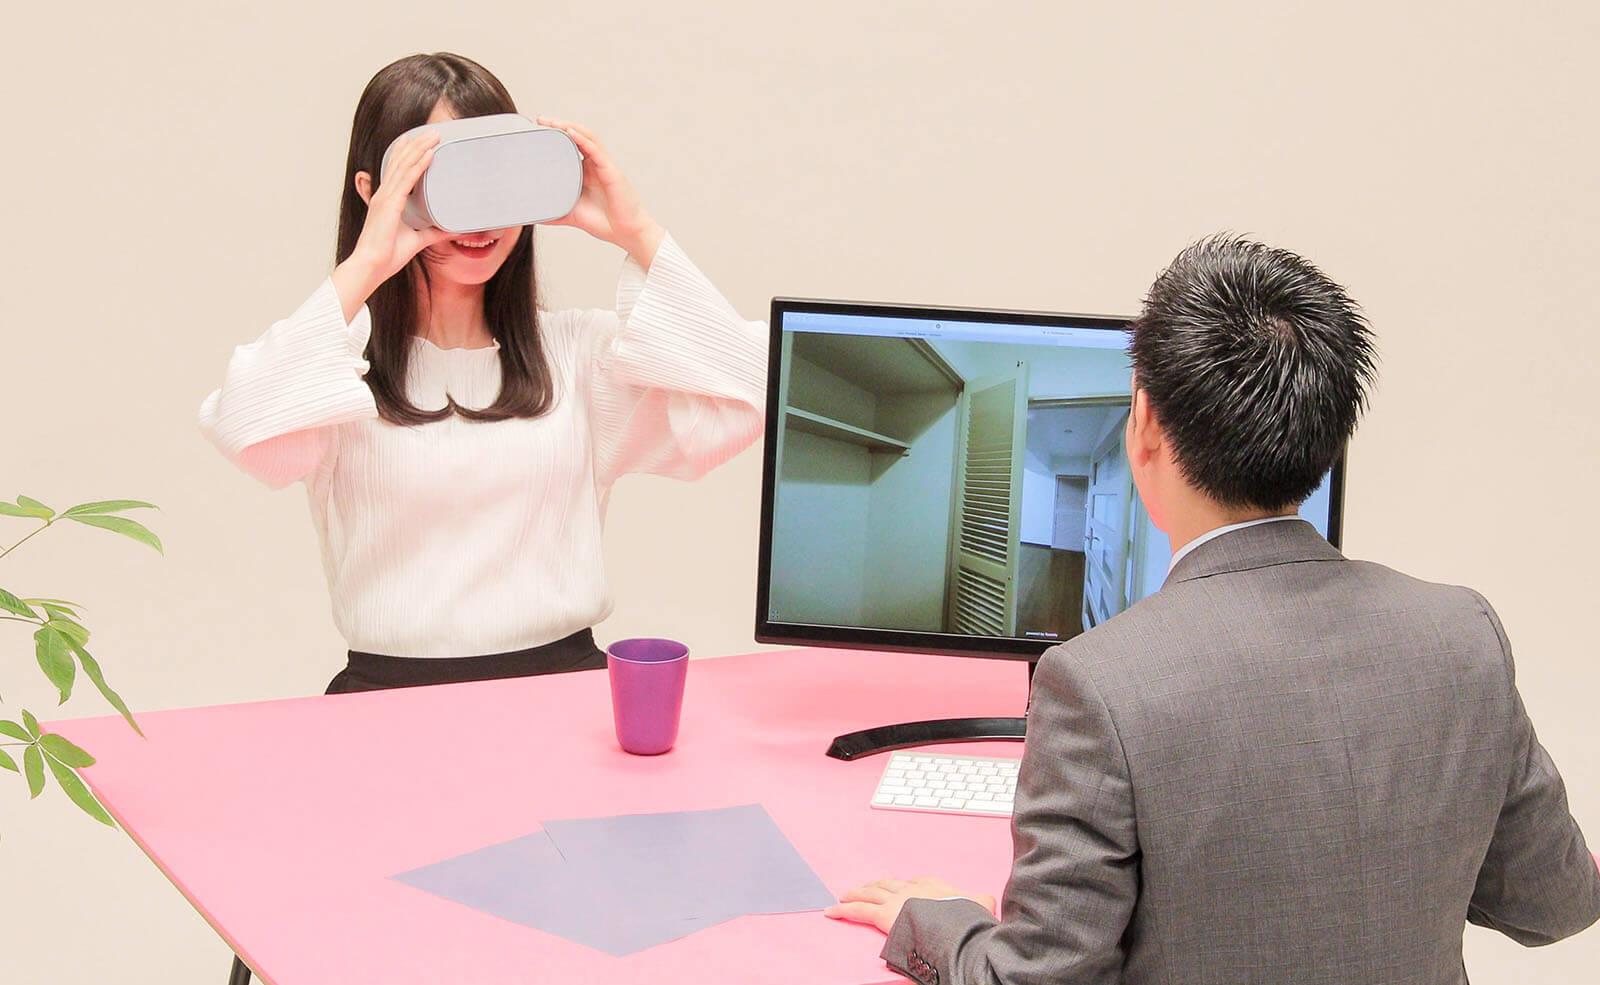 ワンクリックでVR同期で接客開始。Oculus go対応の業界初の瞬間接客VR